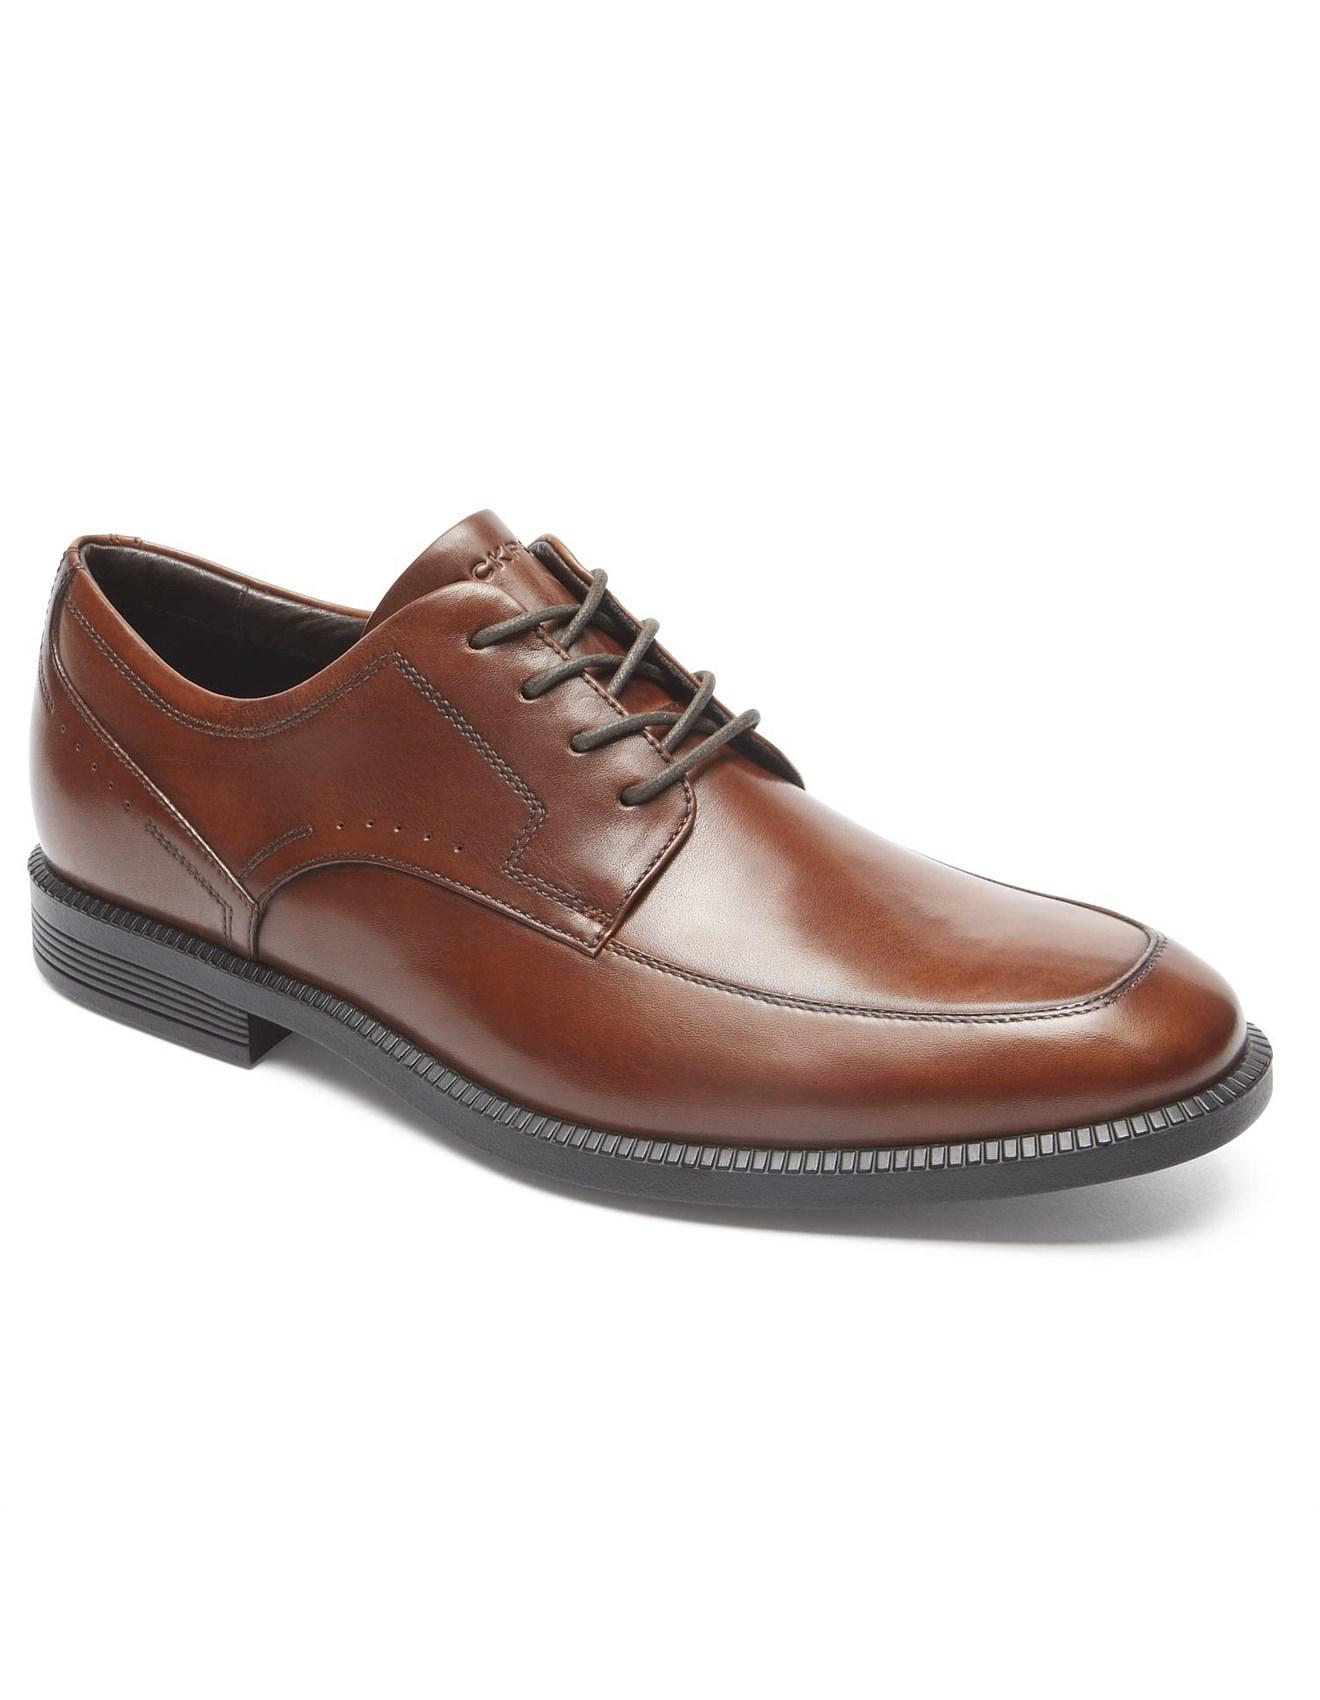 Mens Brown Shoes David Jones